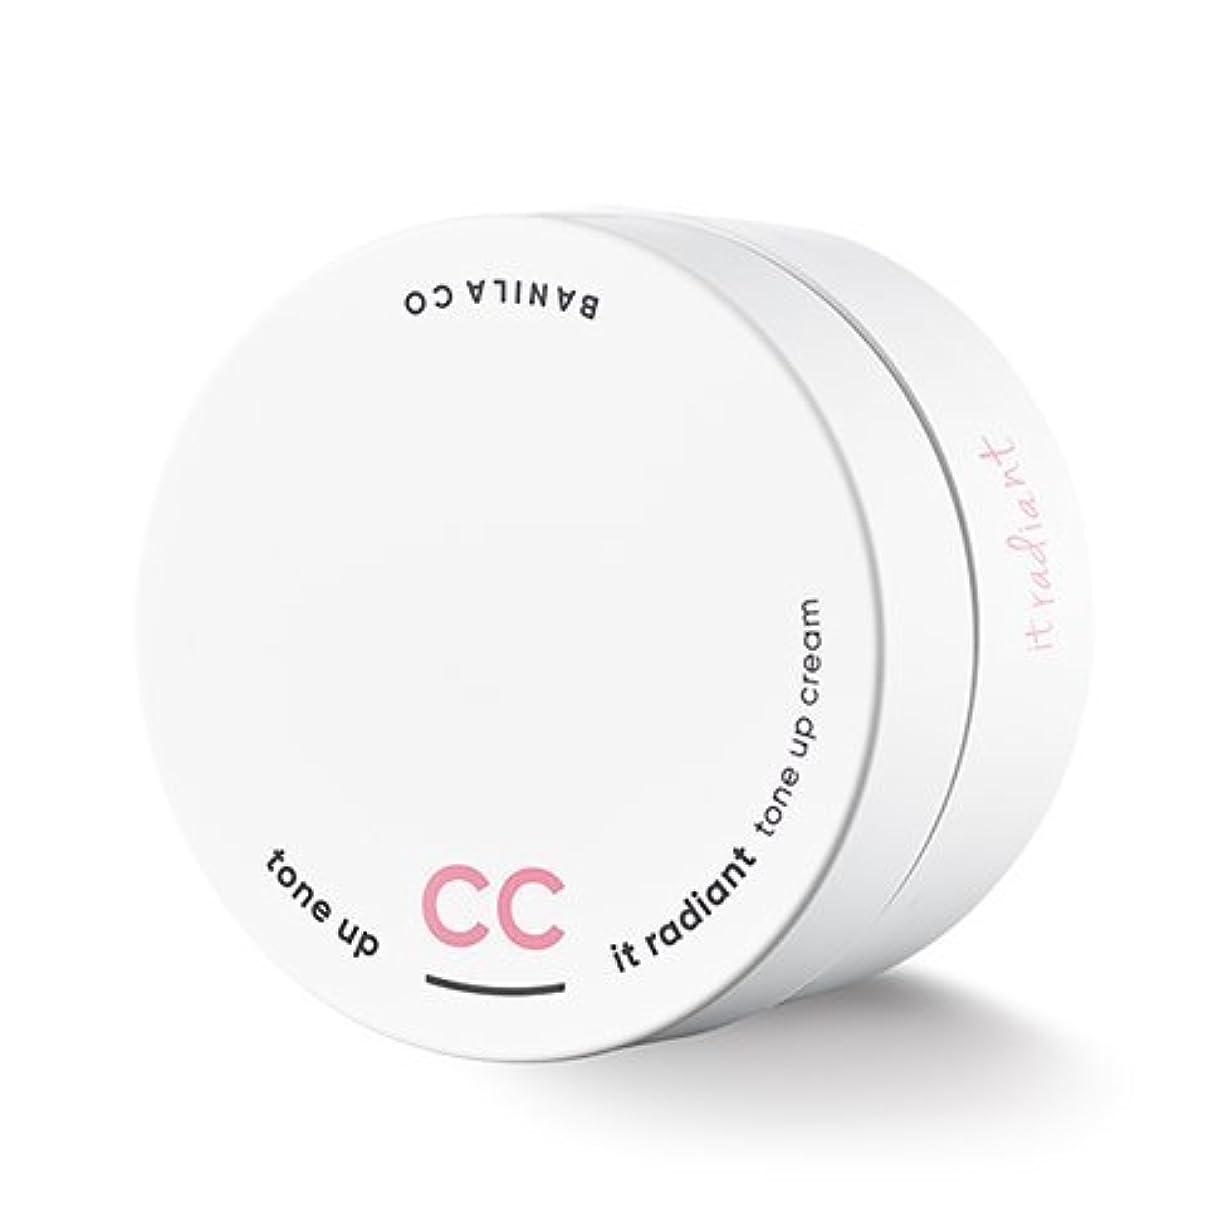 カメ異邦人クーポンBANILA CO It Radiant CC Tone Up Cream 50ml/バニラコ イット ラディアント CC トーンアップ クリーム 50ml [並行輸入品]